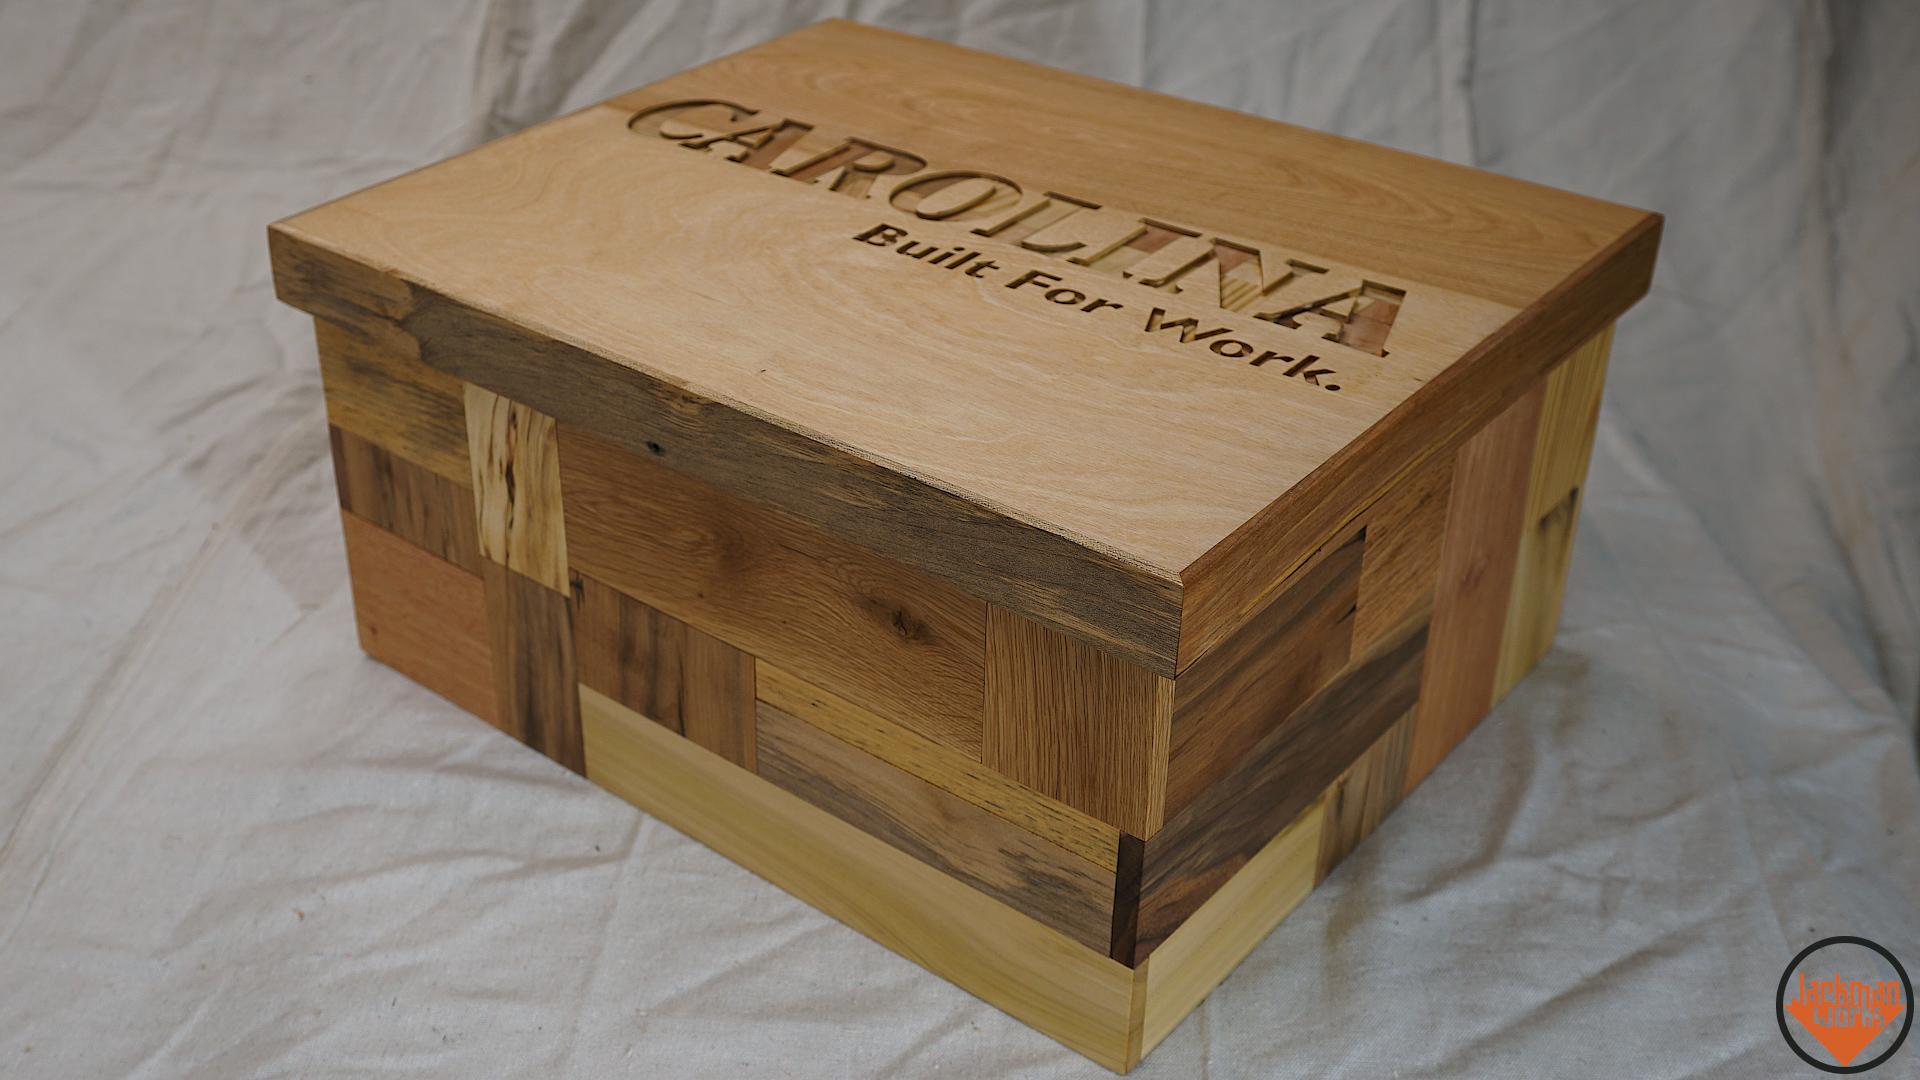 Secret Compartmenthidden Drawerpallet Woodplywoodshoeboxcarolinacarolina Shoecarolina Bootsjackmanjackman Workspaul Jackman